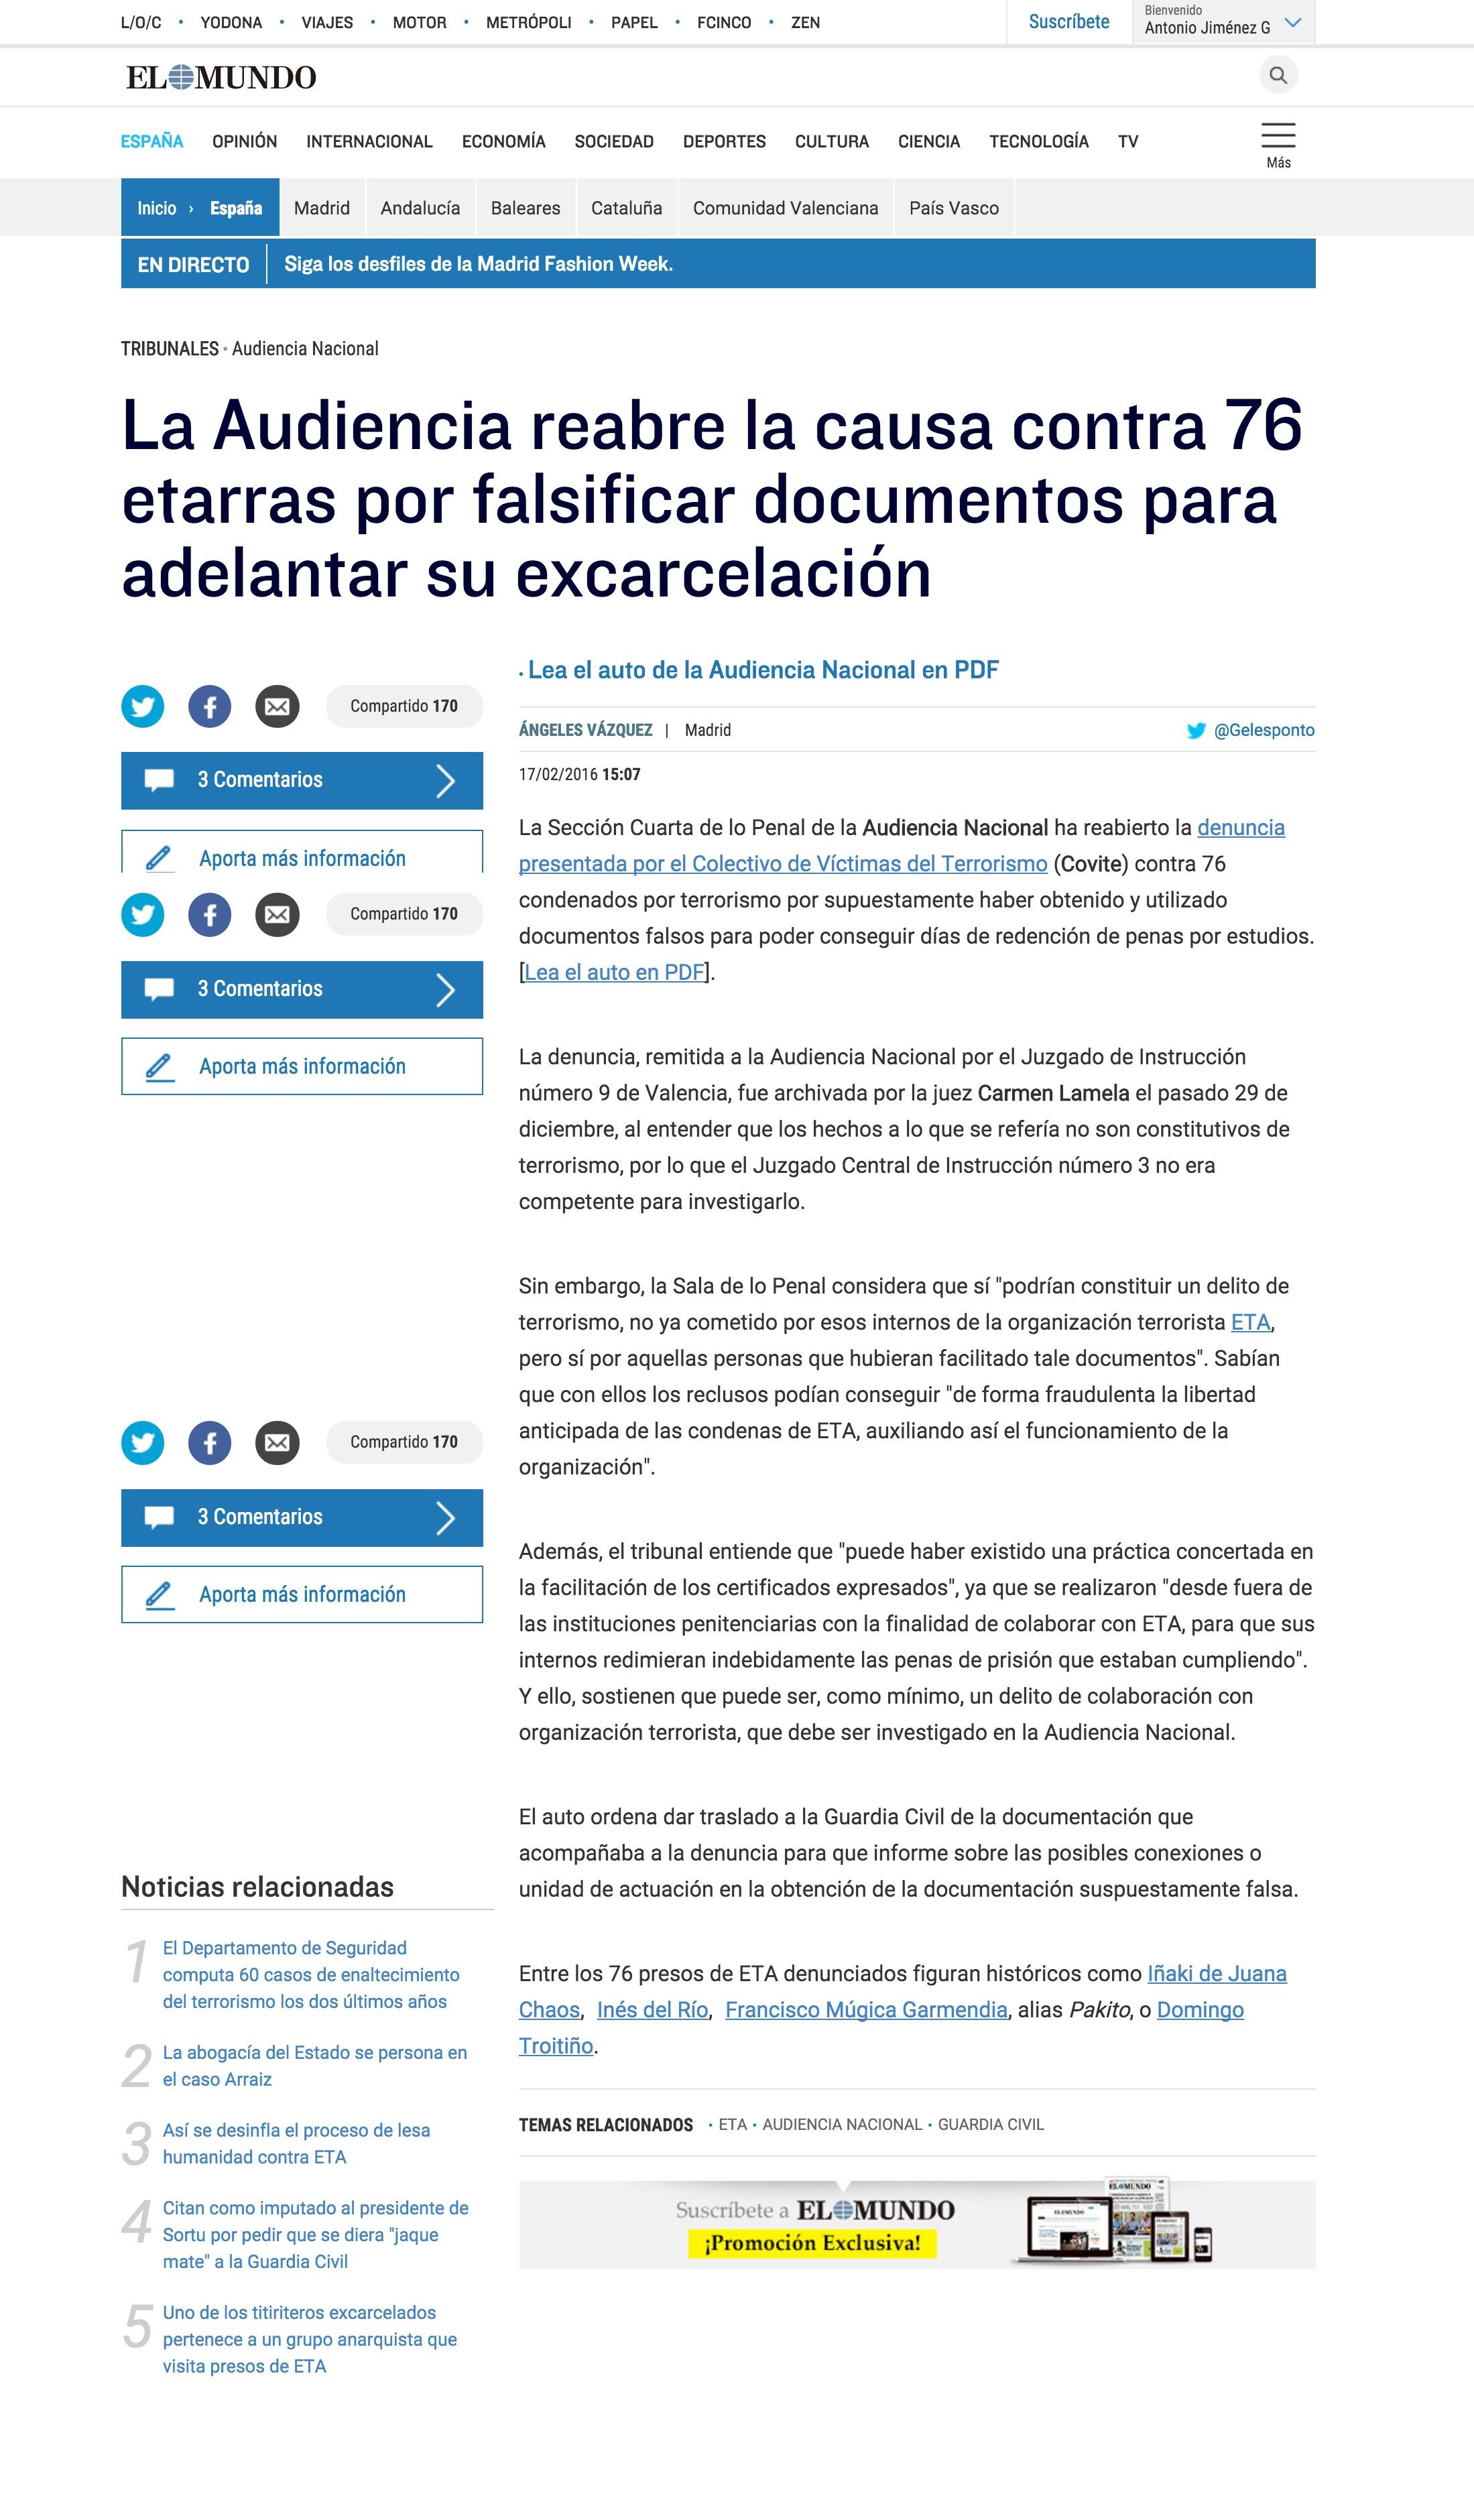 screencapture-www-elmundo-es-espana-2016-02-17-56c47cfcca47415c458b460c-html-1456142913737